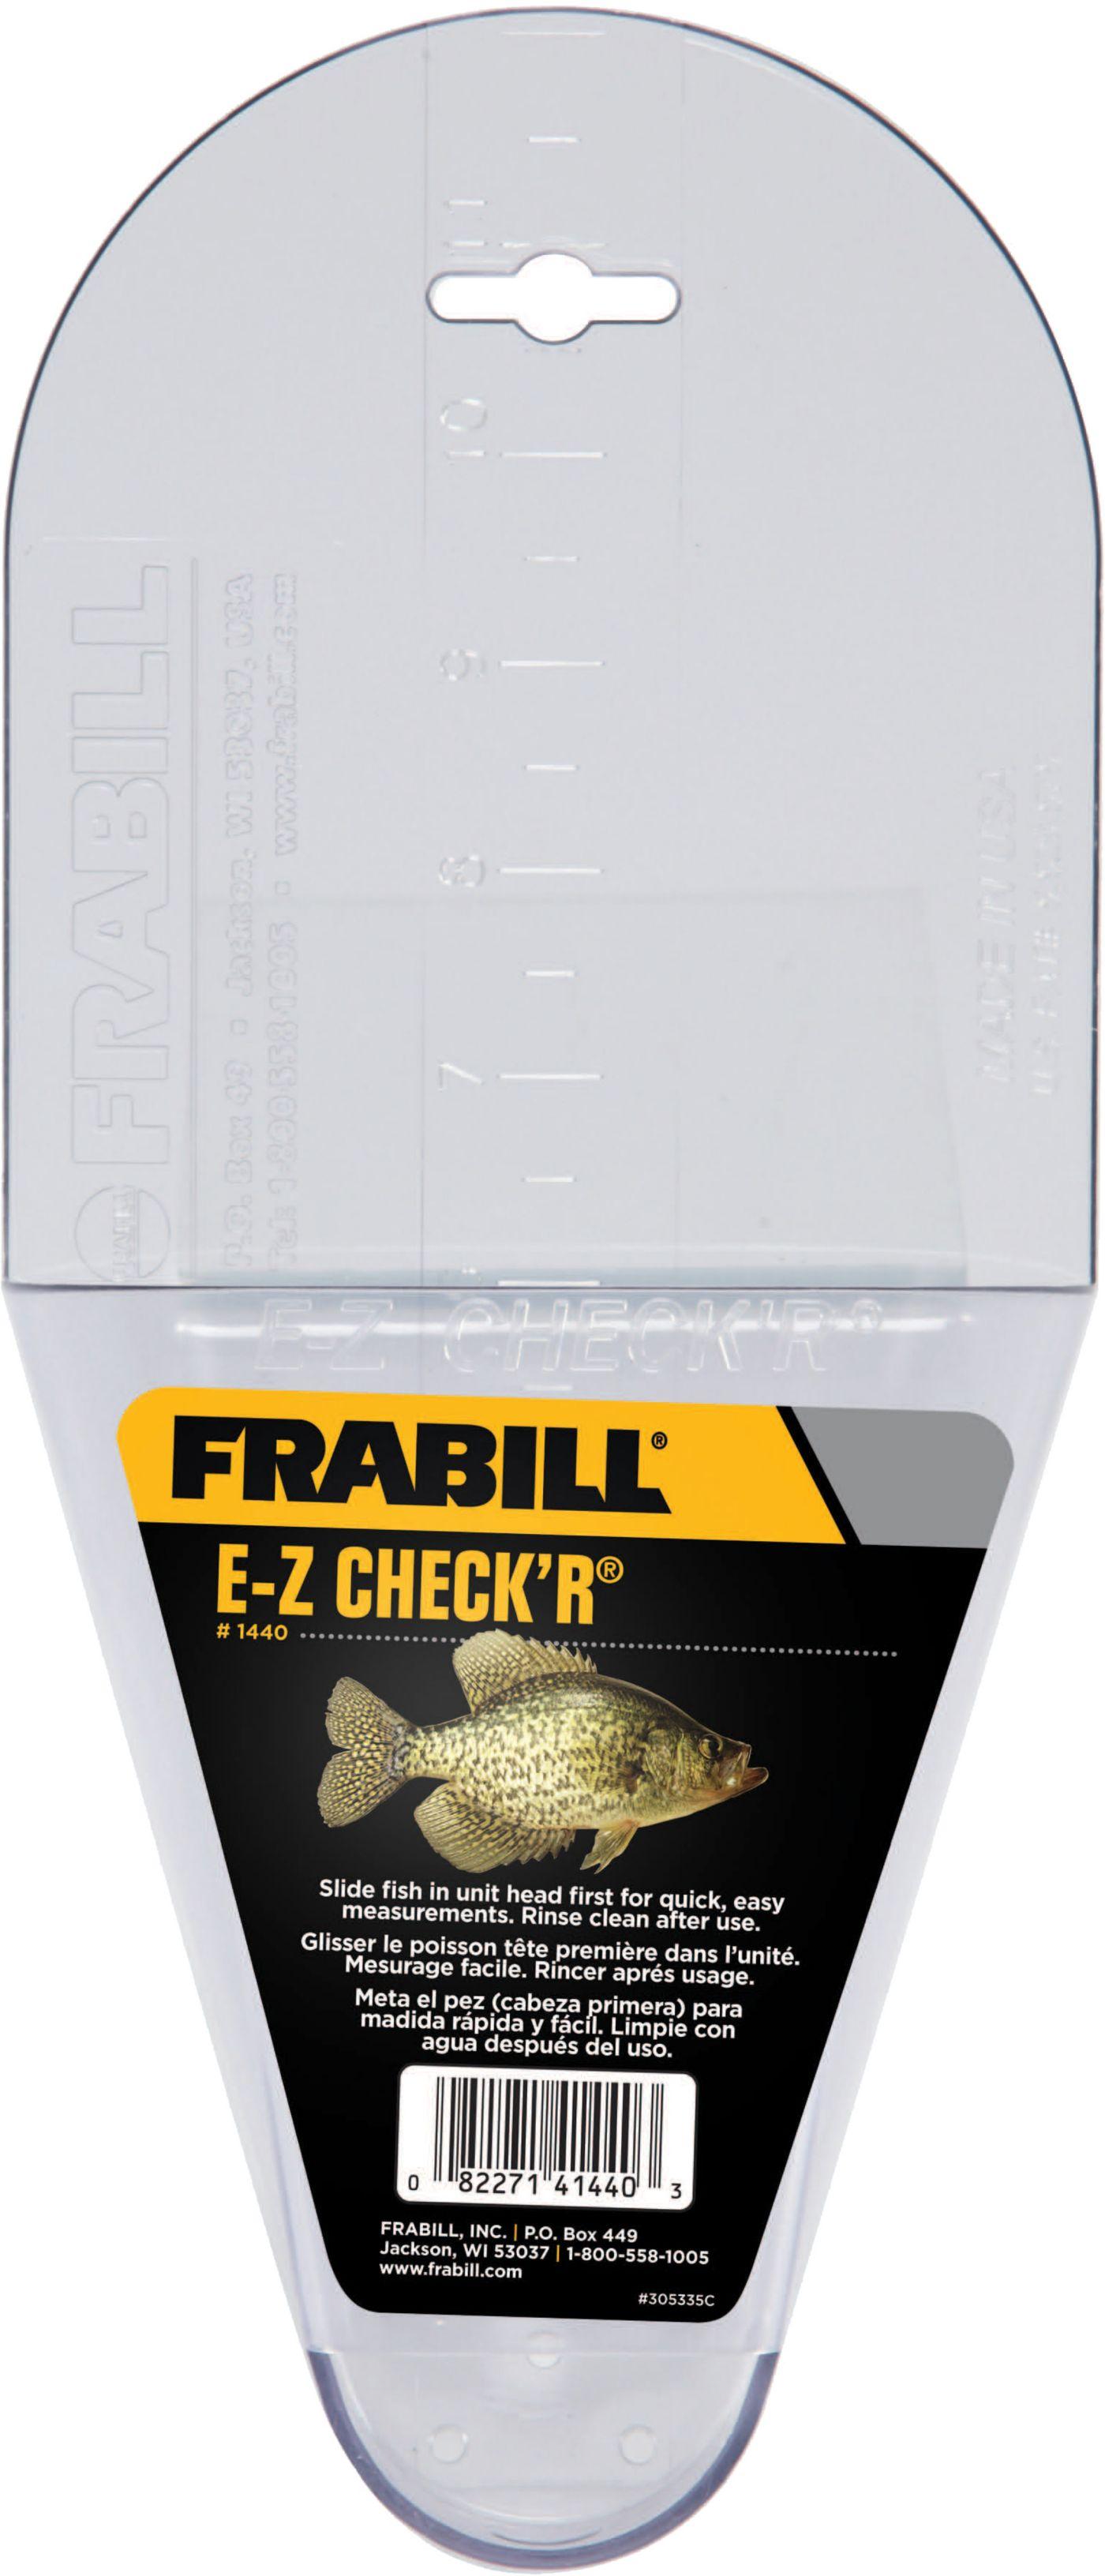 Frabill E-Z Check'R Crappie Measure